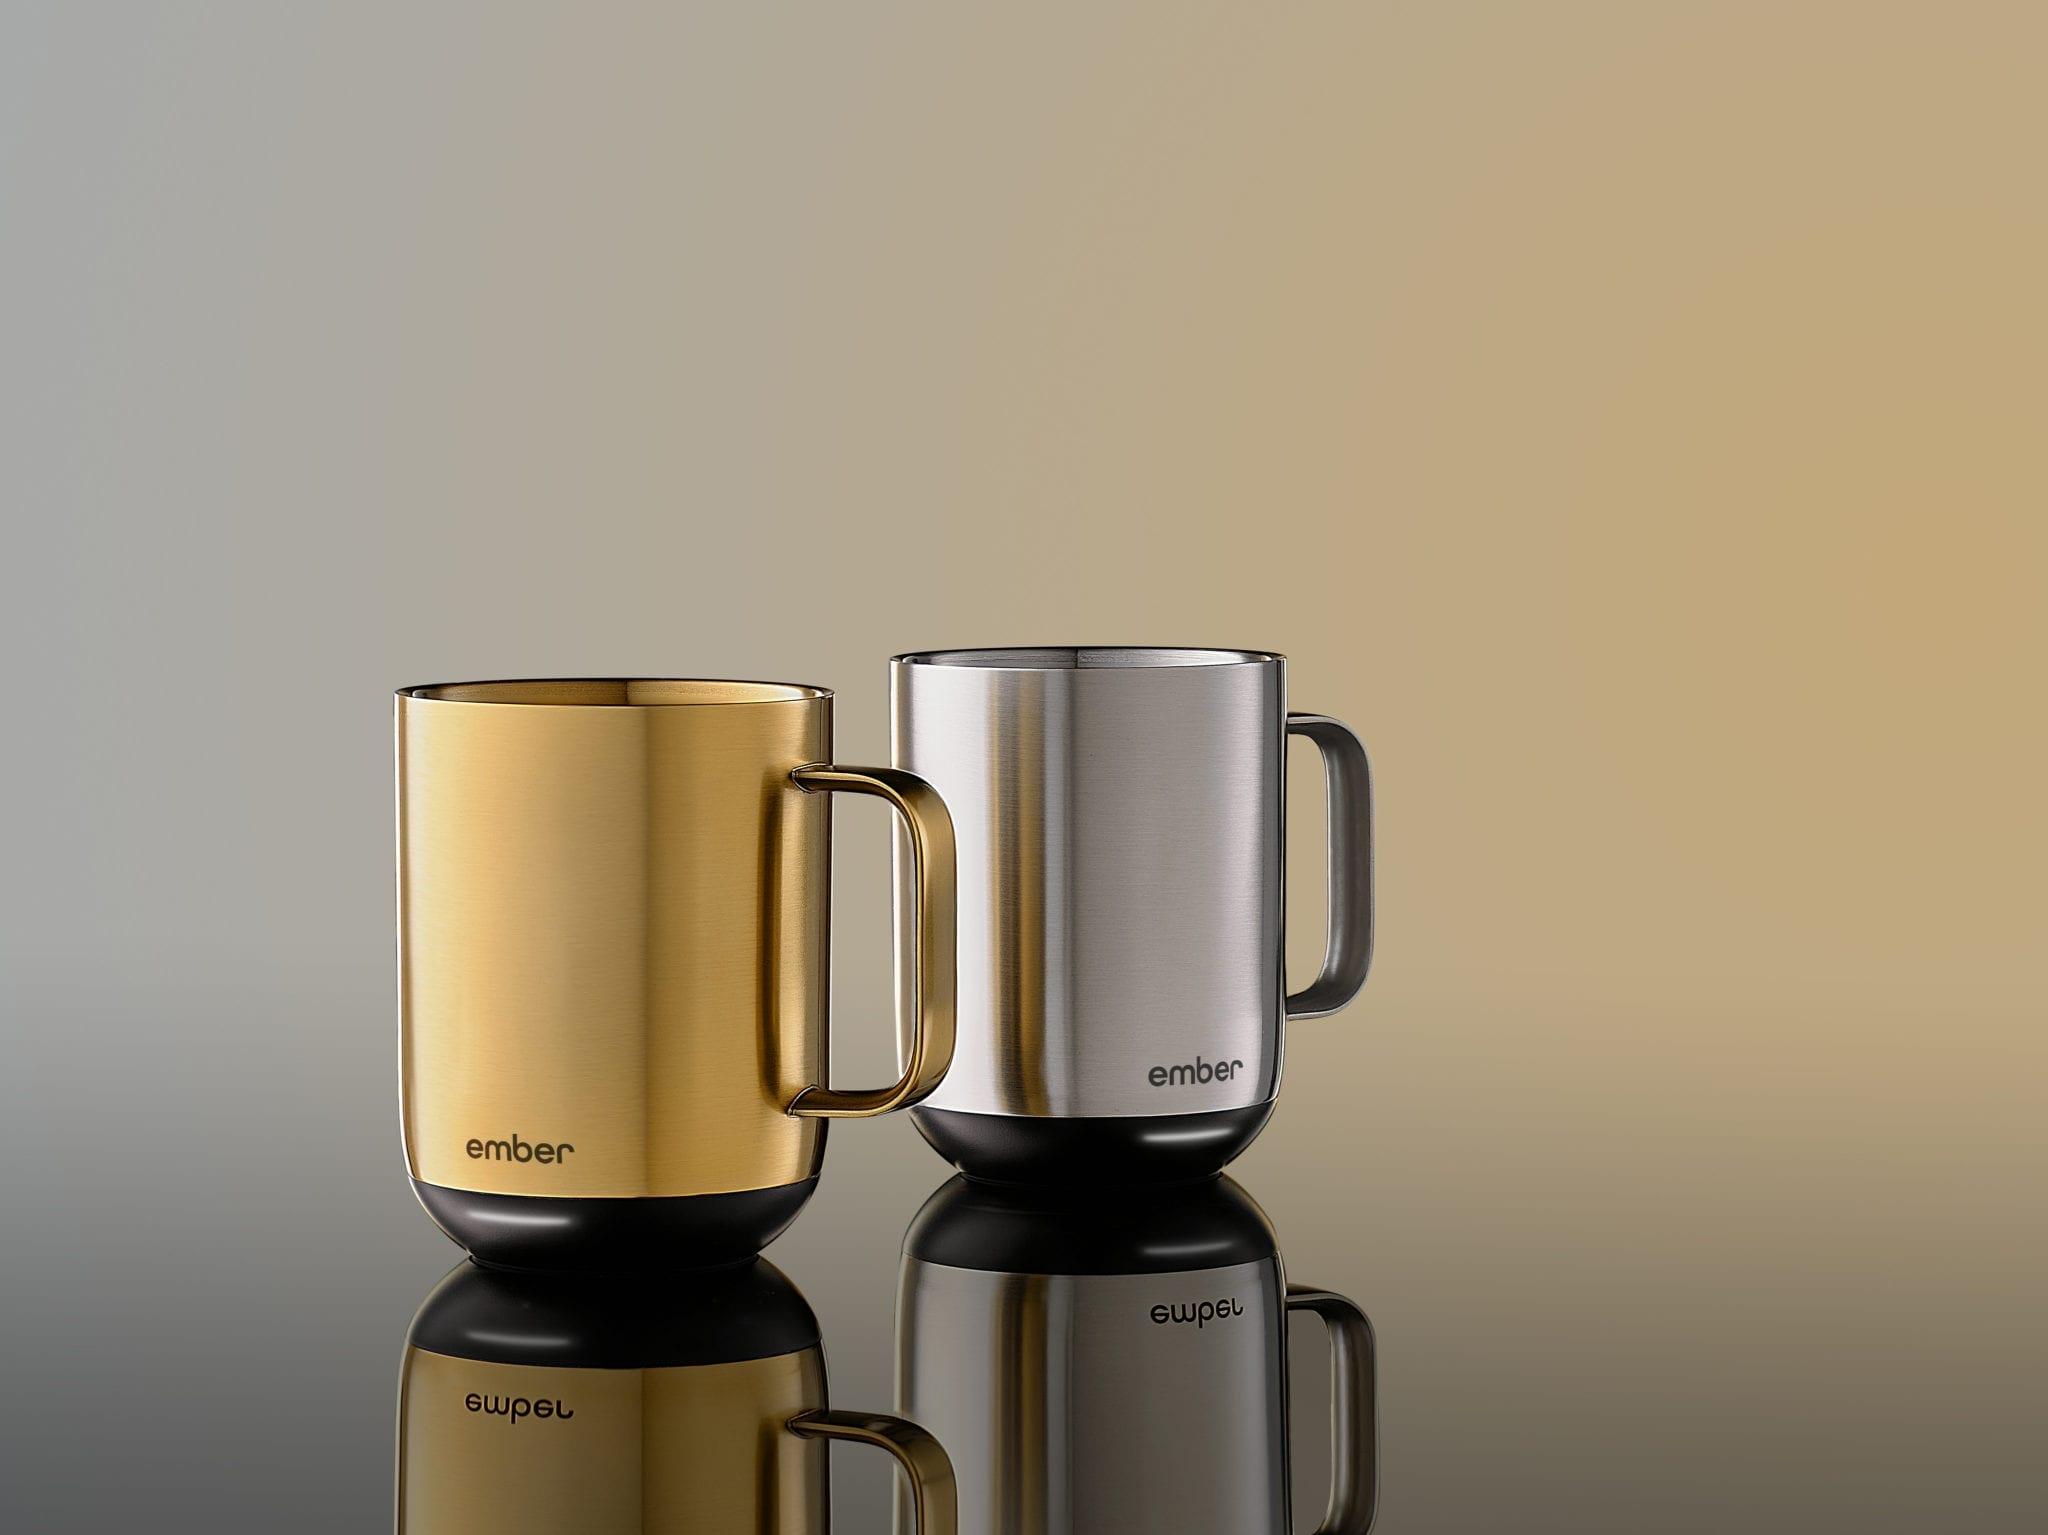 Ember Introduces Metallic Collection of Award-Winning Temperature Control Mug